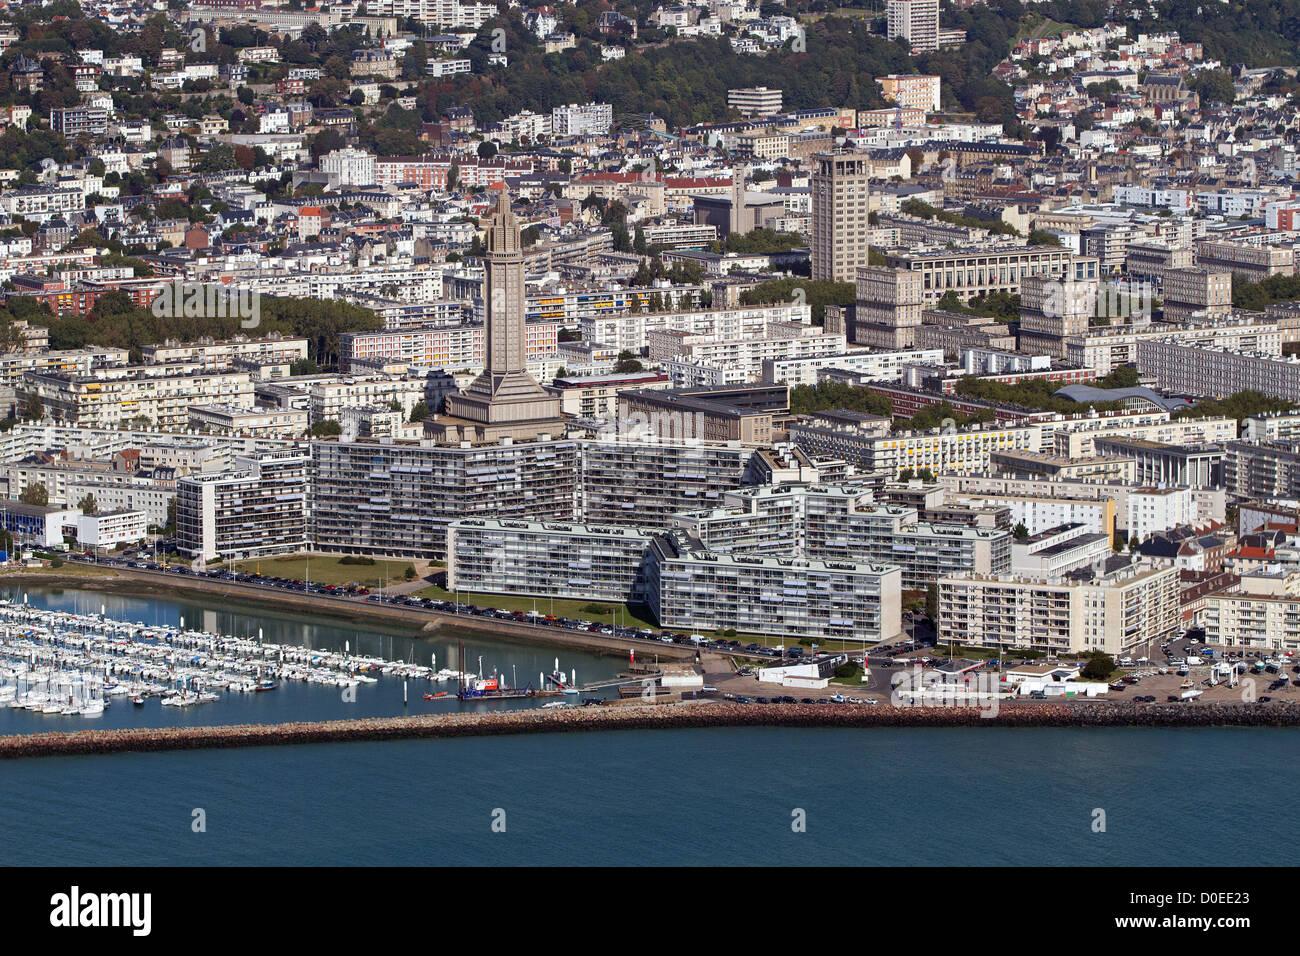 Port de plaisance DE LA VILLE DU HAVRE ET DE L'ARCHITECTURE D'Auguste Perret Seine-maritime (76) FRANCE Banque D'Images